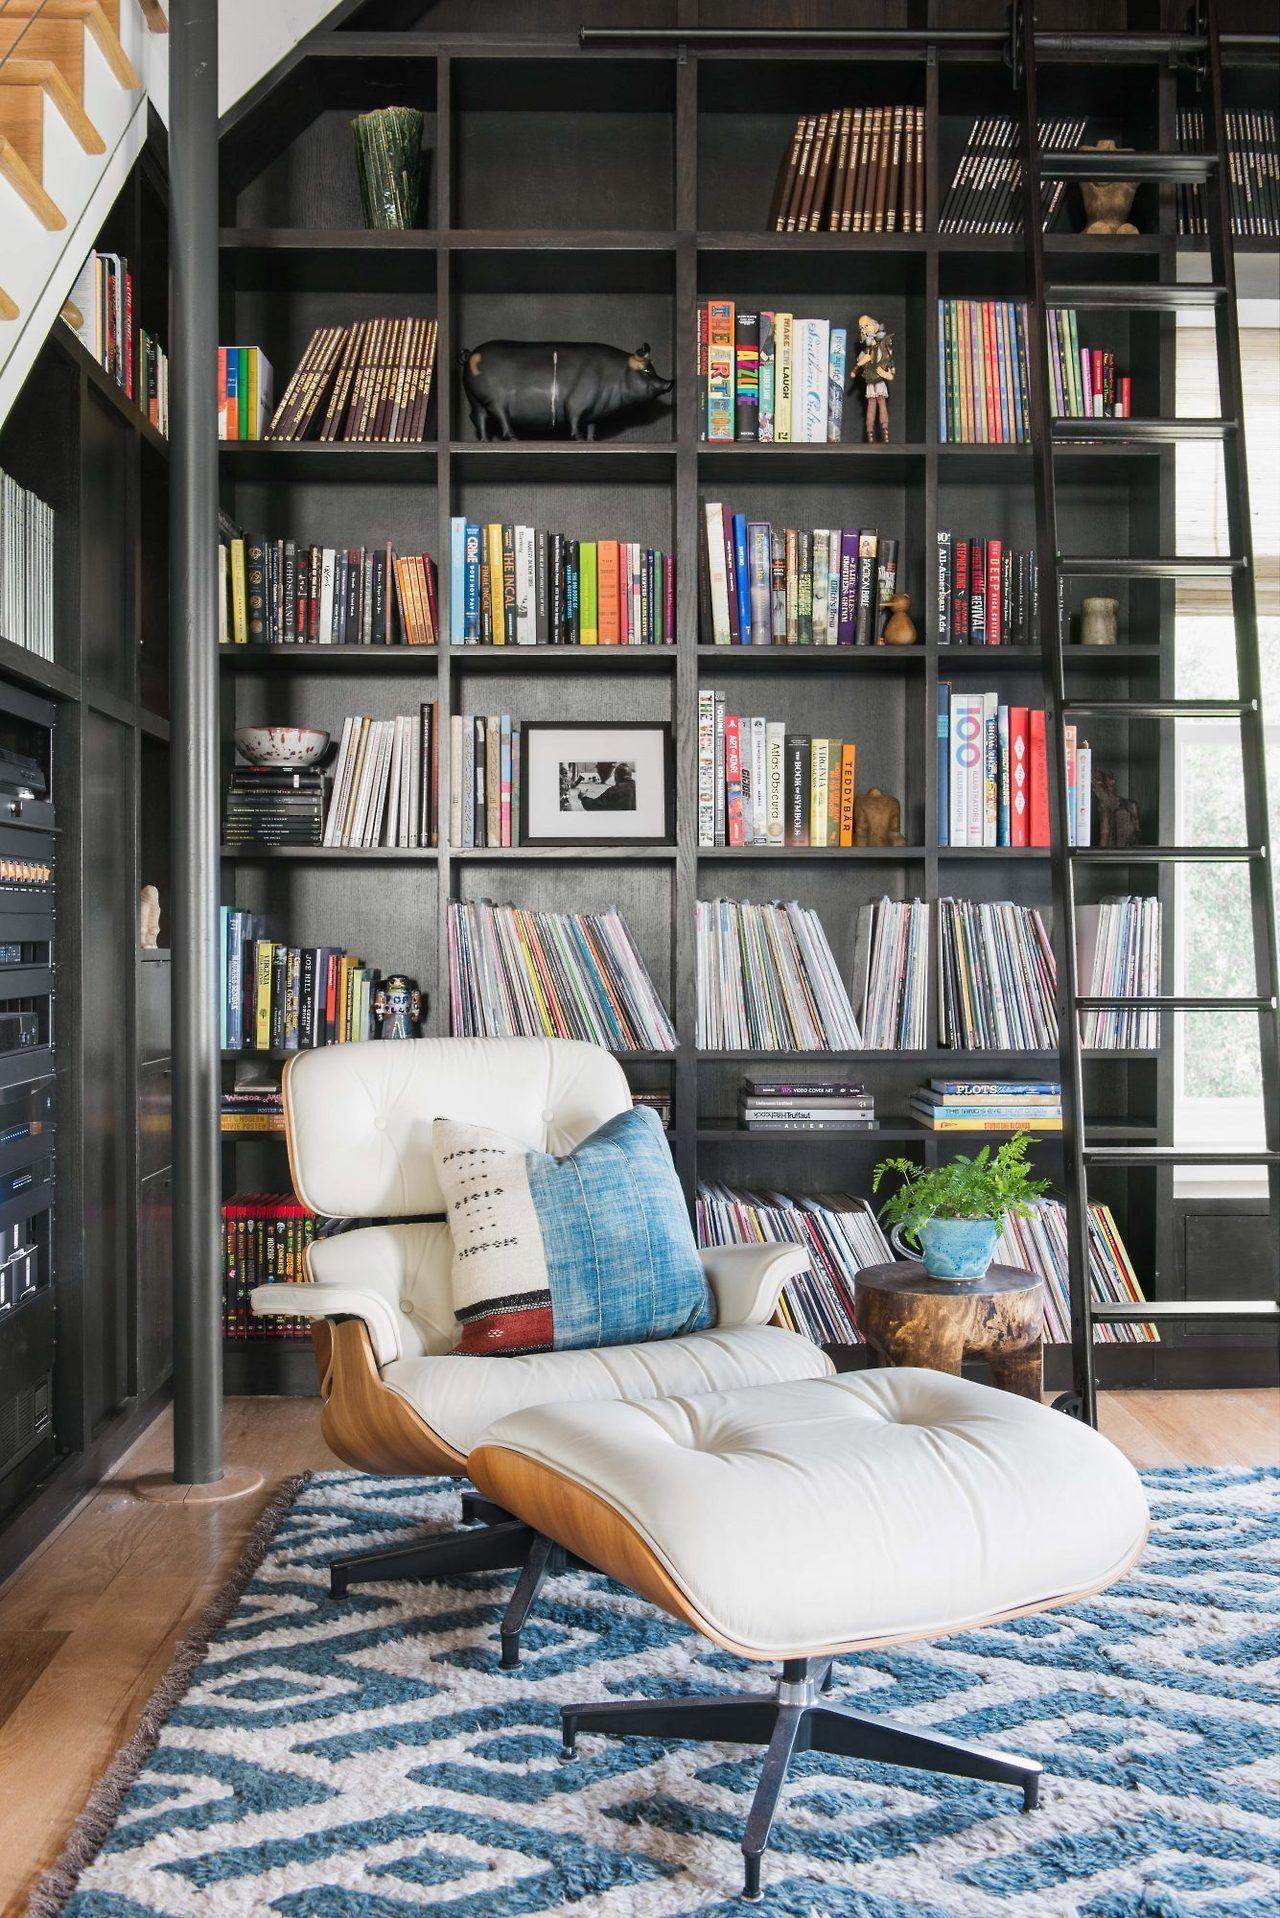 Cortney Bishop Design, Interior Design Firm, Charleston, SC